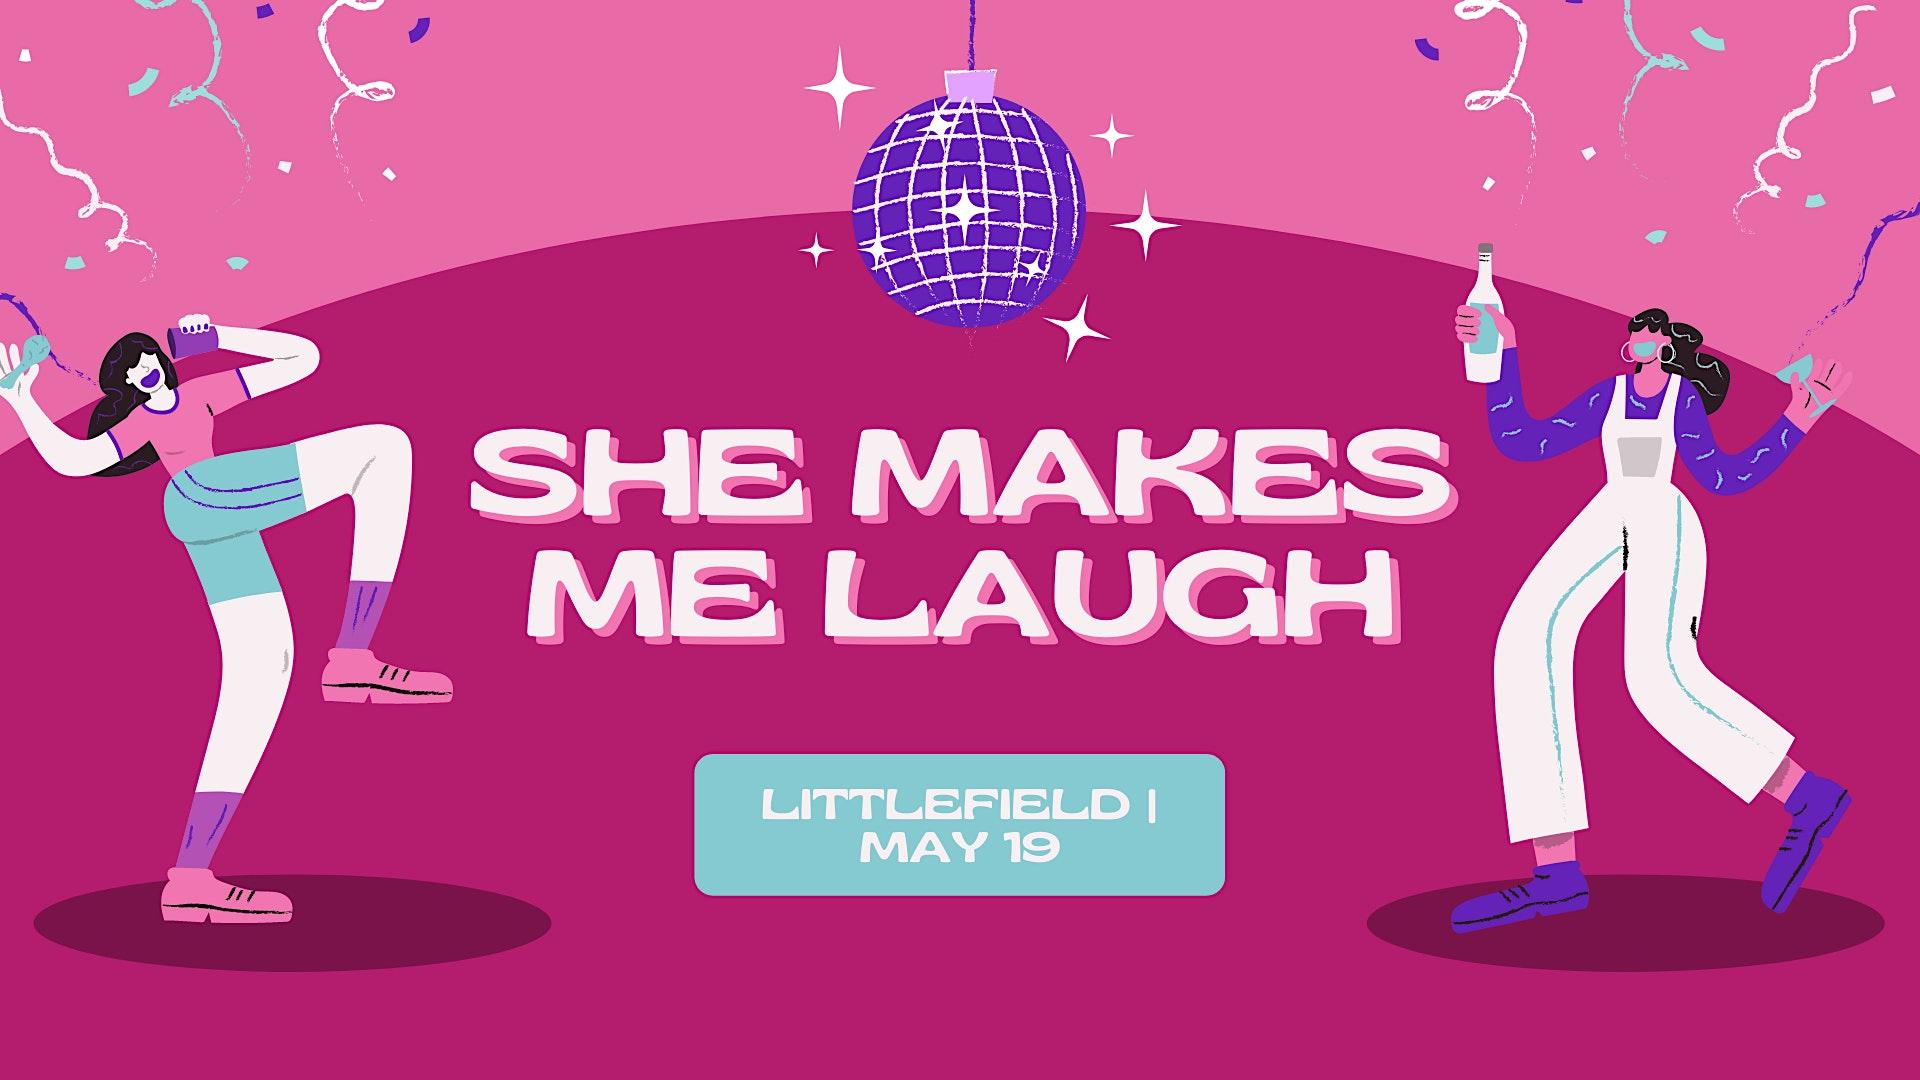 She Makes Me Laugh